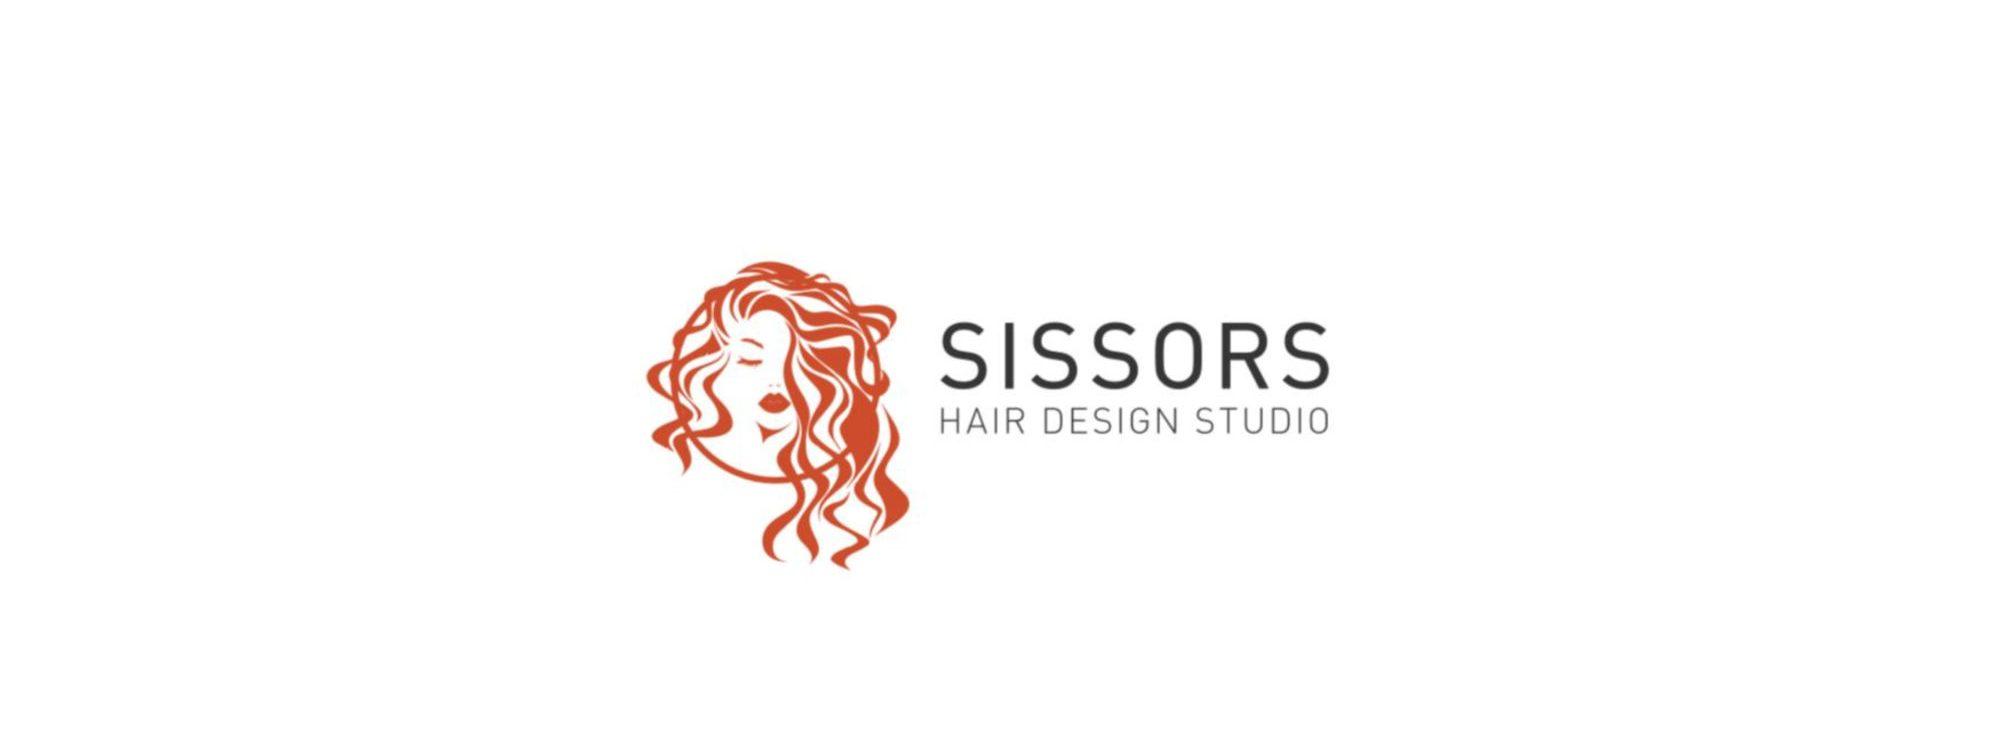 Sissors